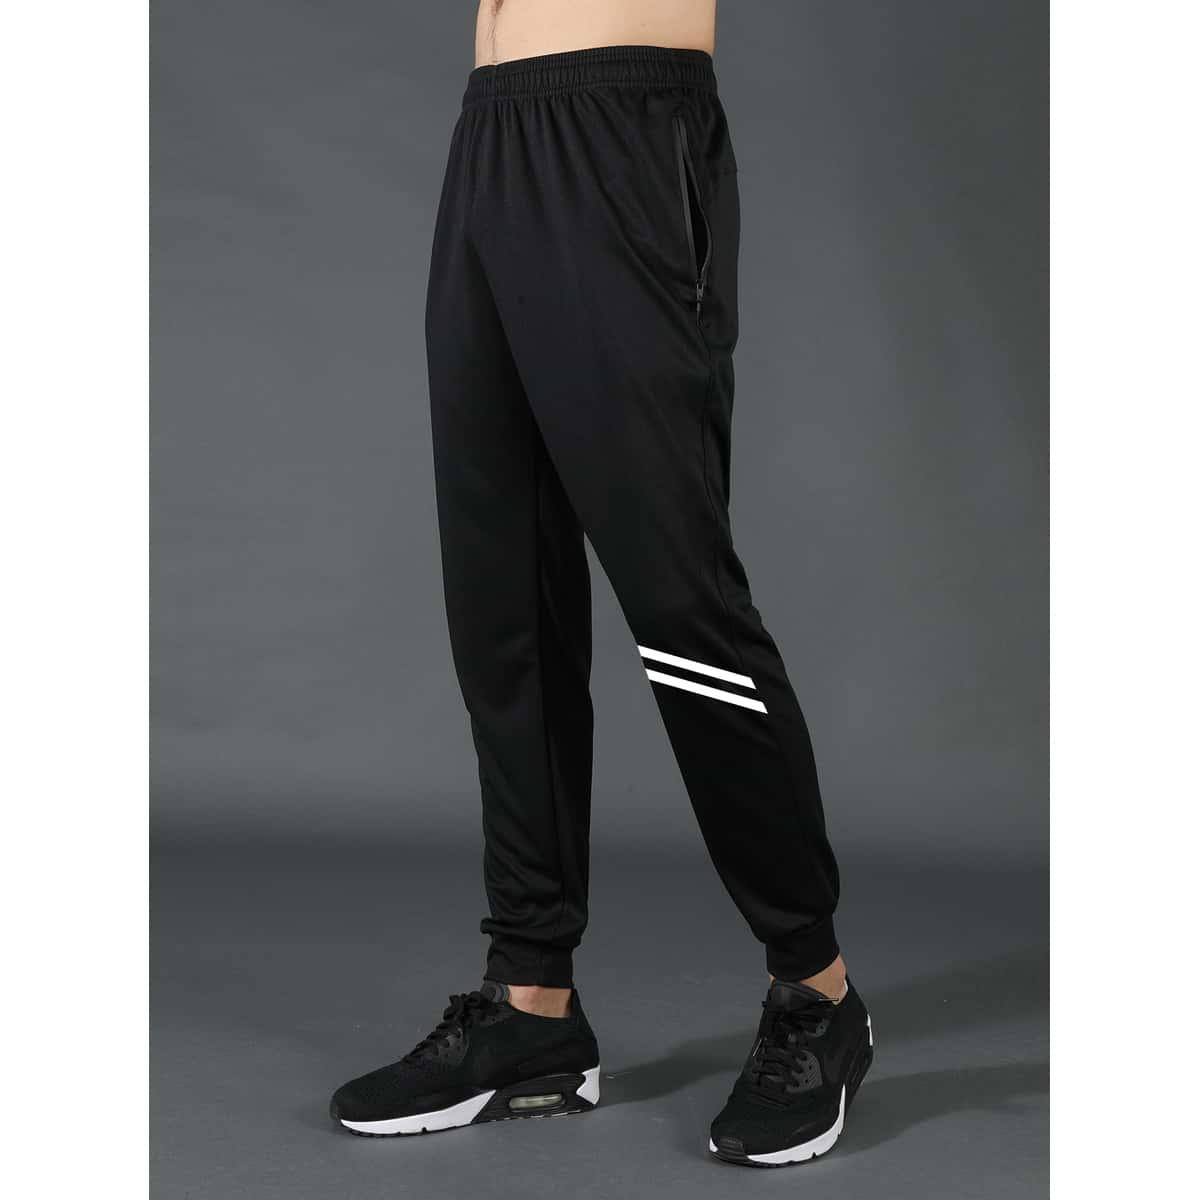 Мужские спортивные брюки с полосатым принтом